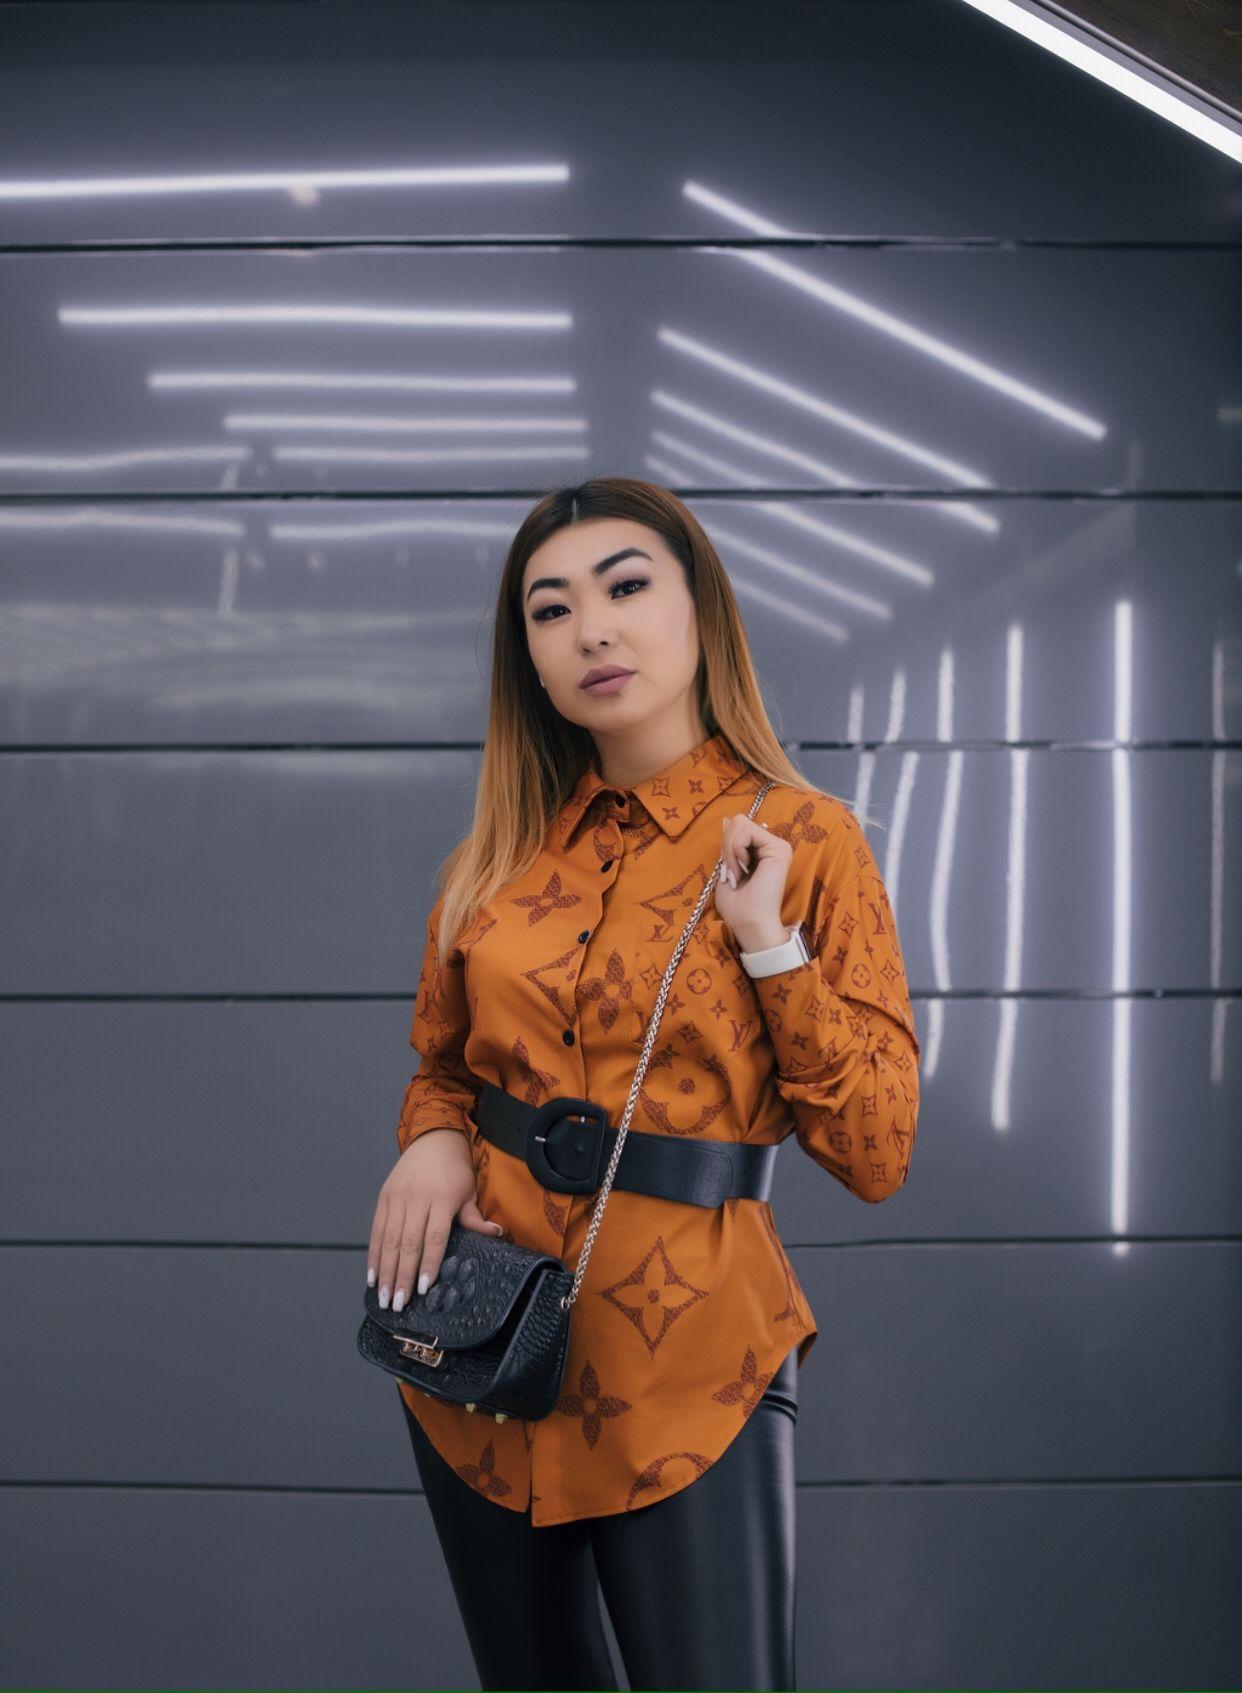 Владелец двух бутиков одежды, 26-летняя бизнес-леди Гулина Кадырова